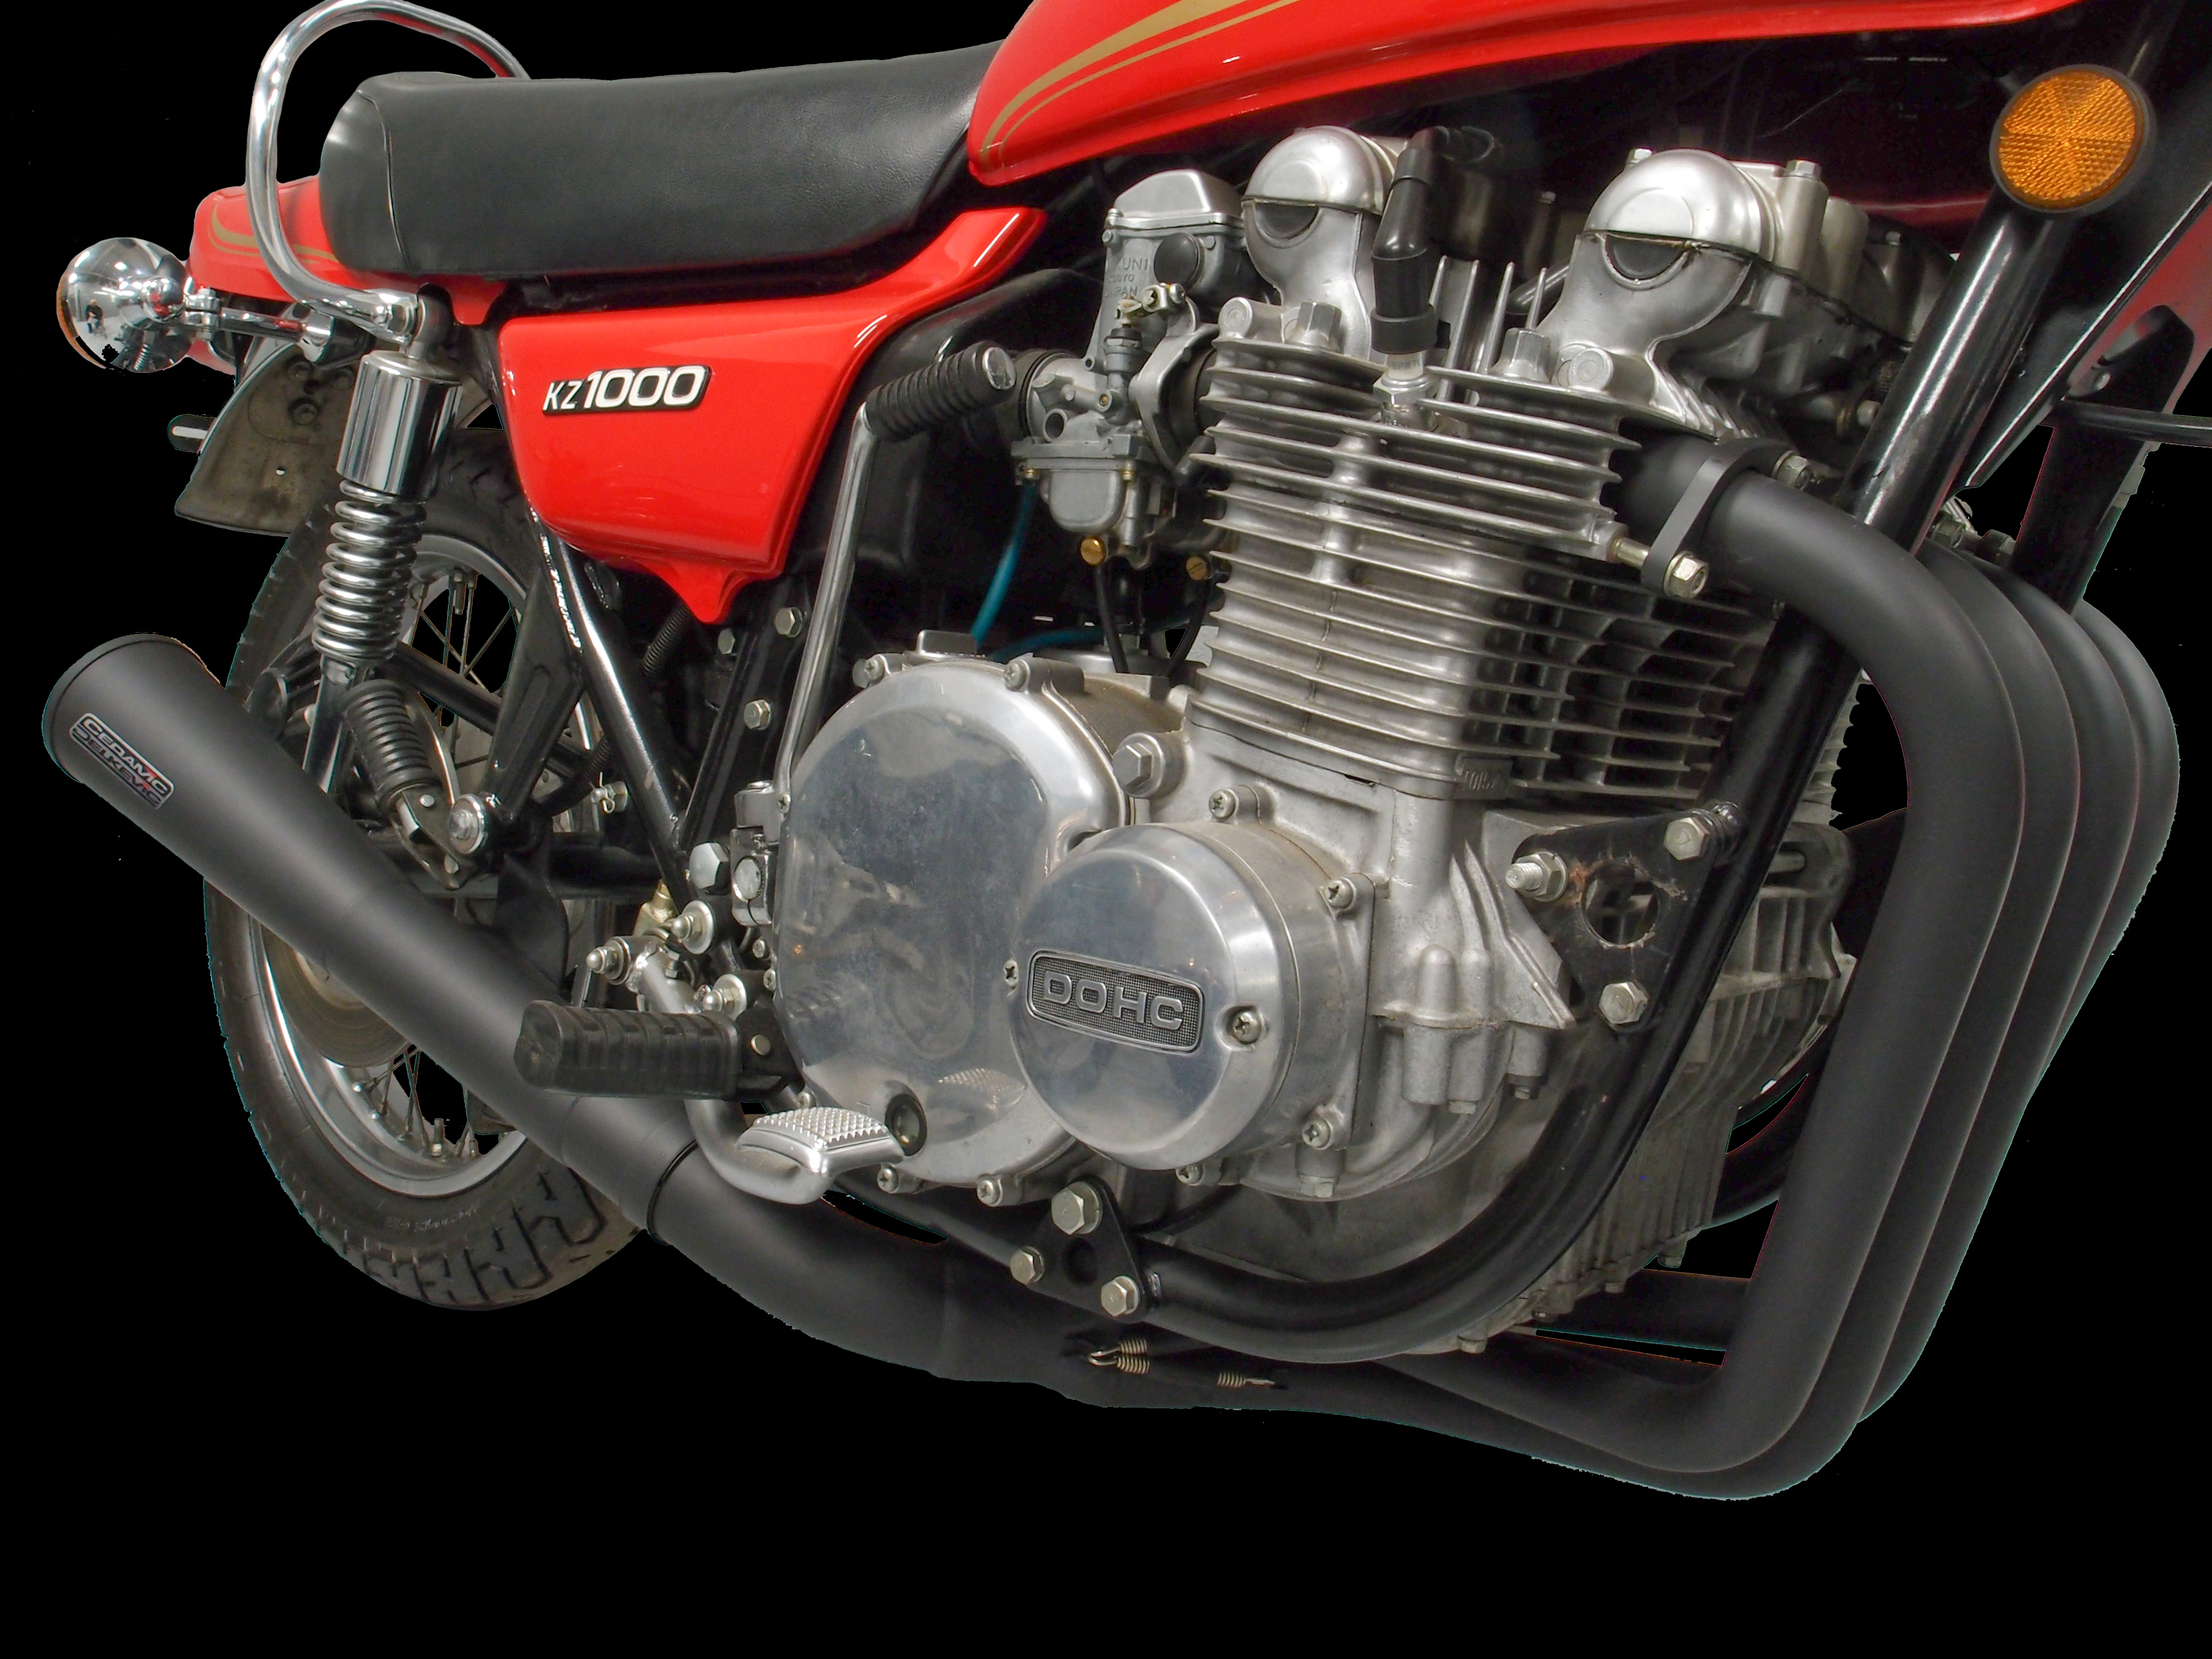 Kawasaki KZ1000 Delkevic Ceramic Black